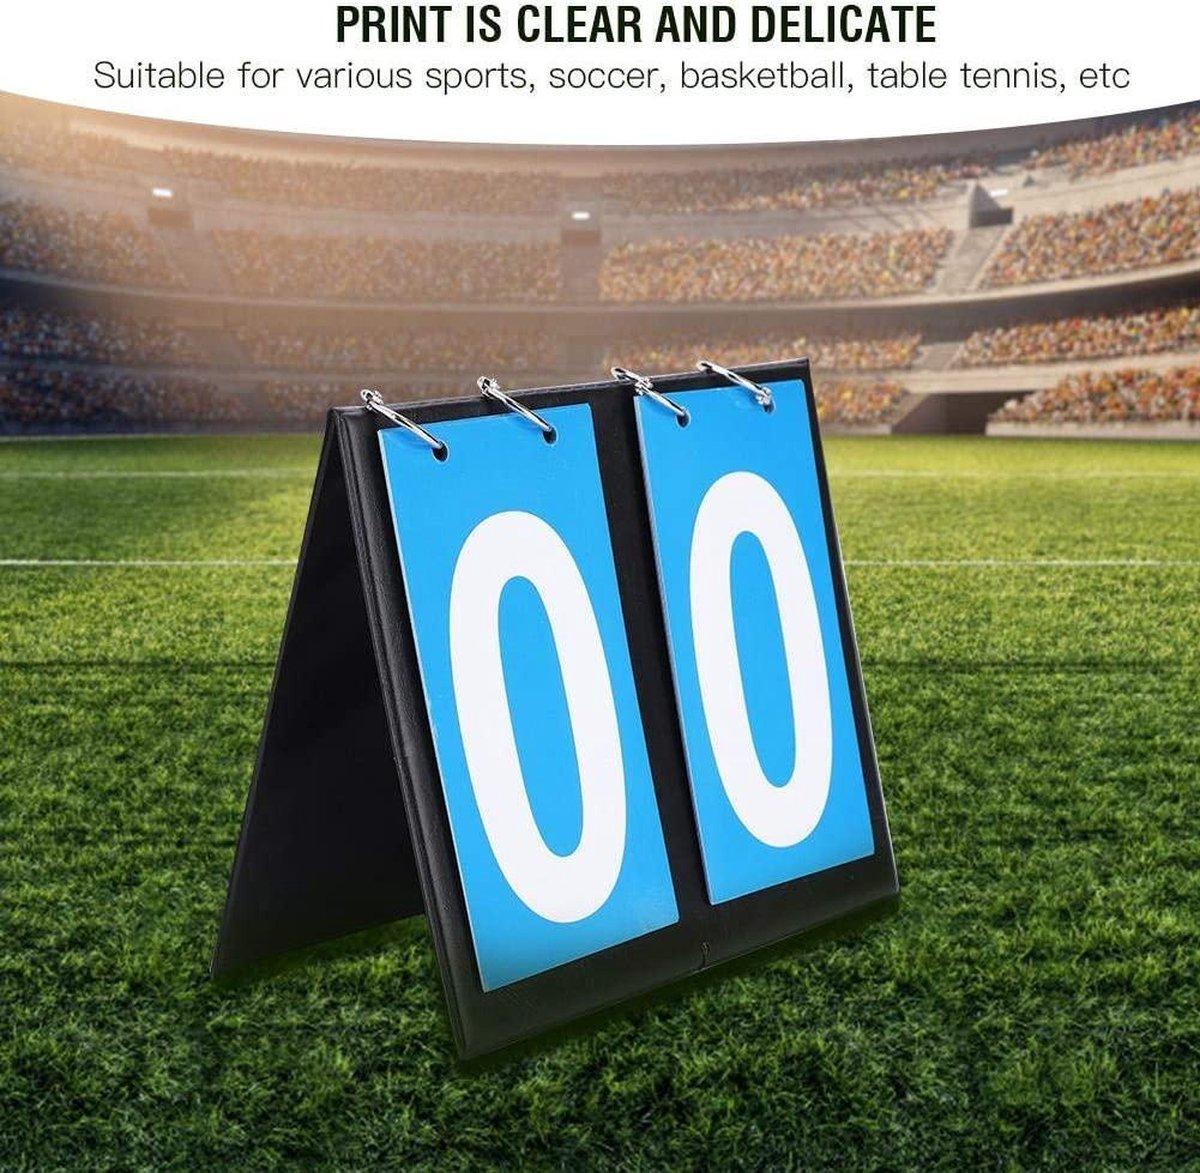 Dioche - Portable Sport Scorebord -16,5 x 20,5 cm